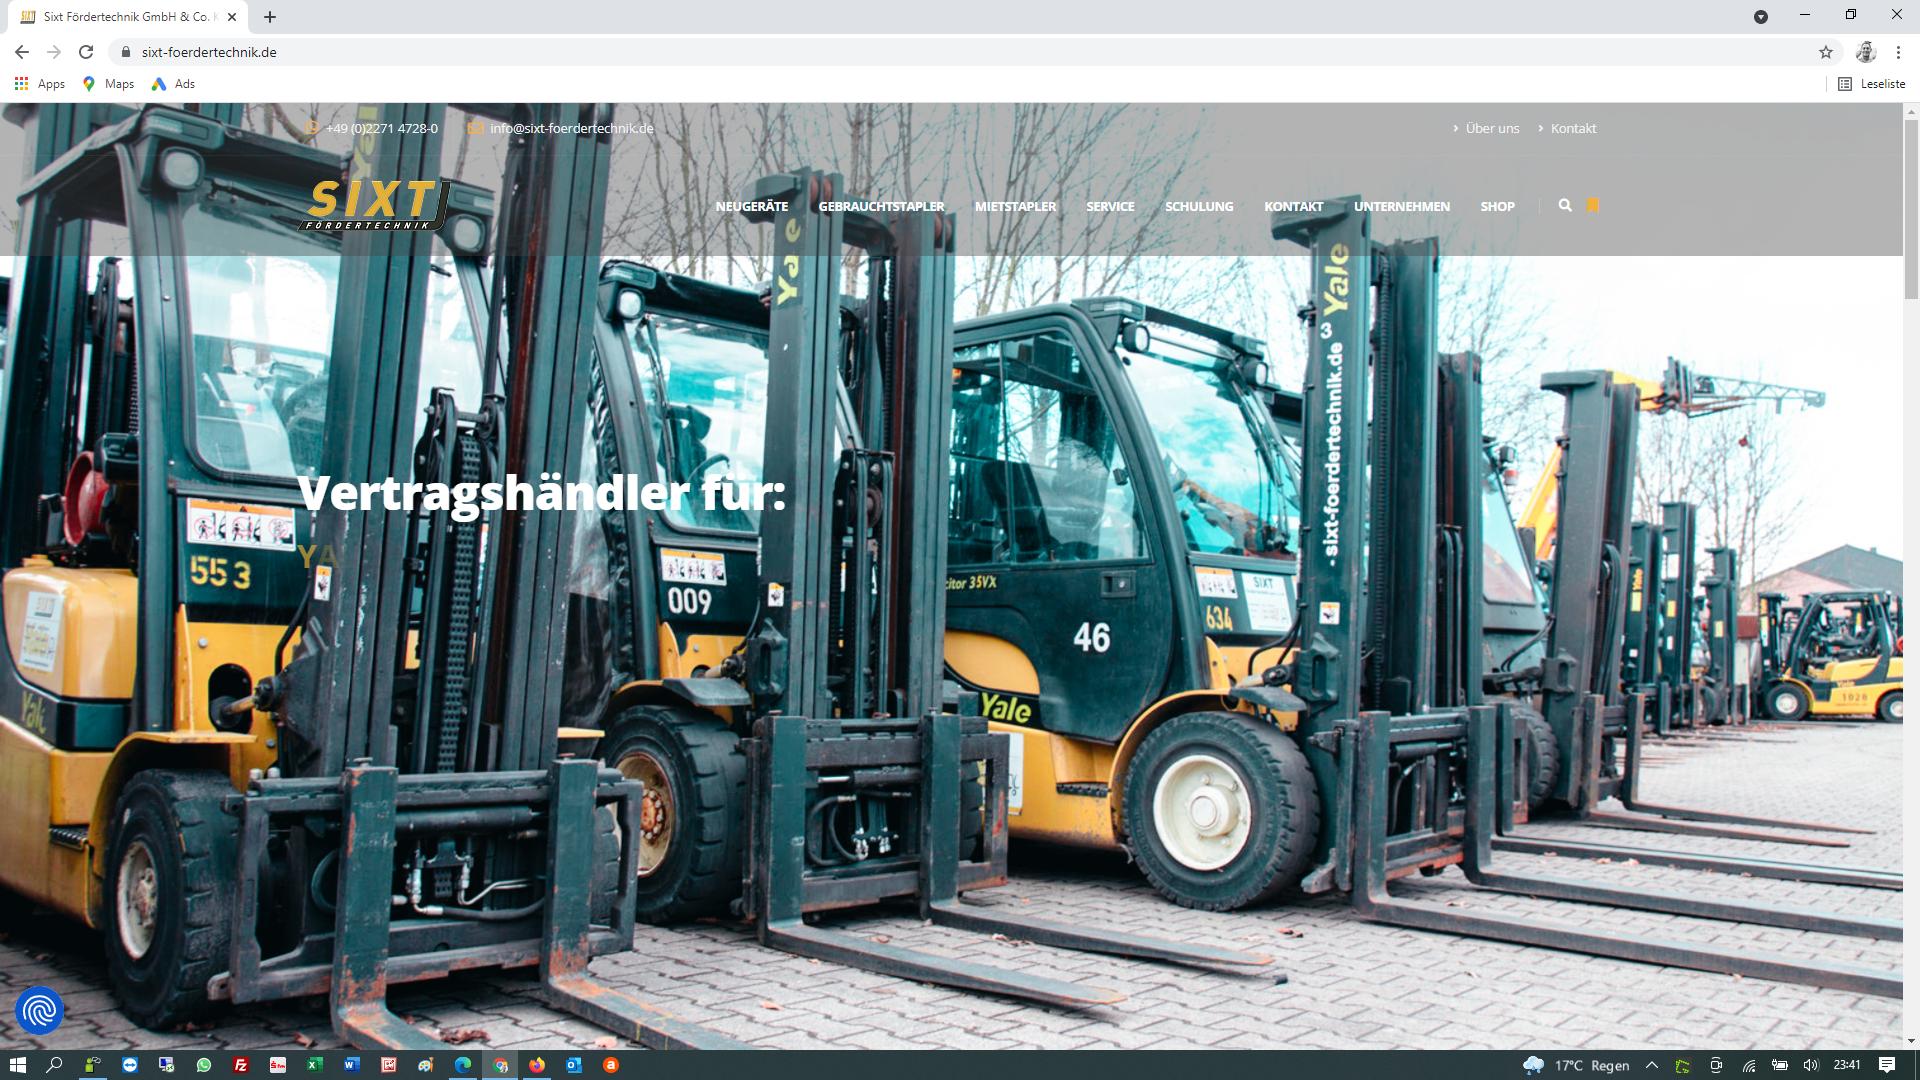 Sixt Fördertechnik GmbH & Co. KG